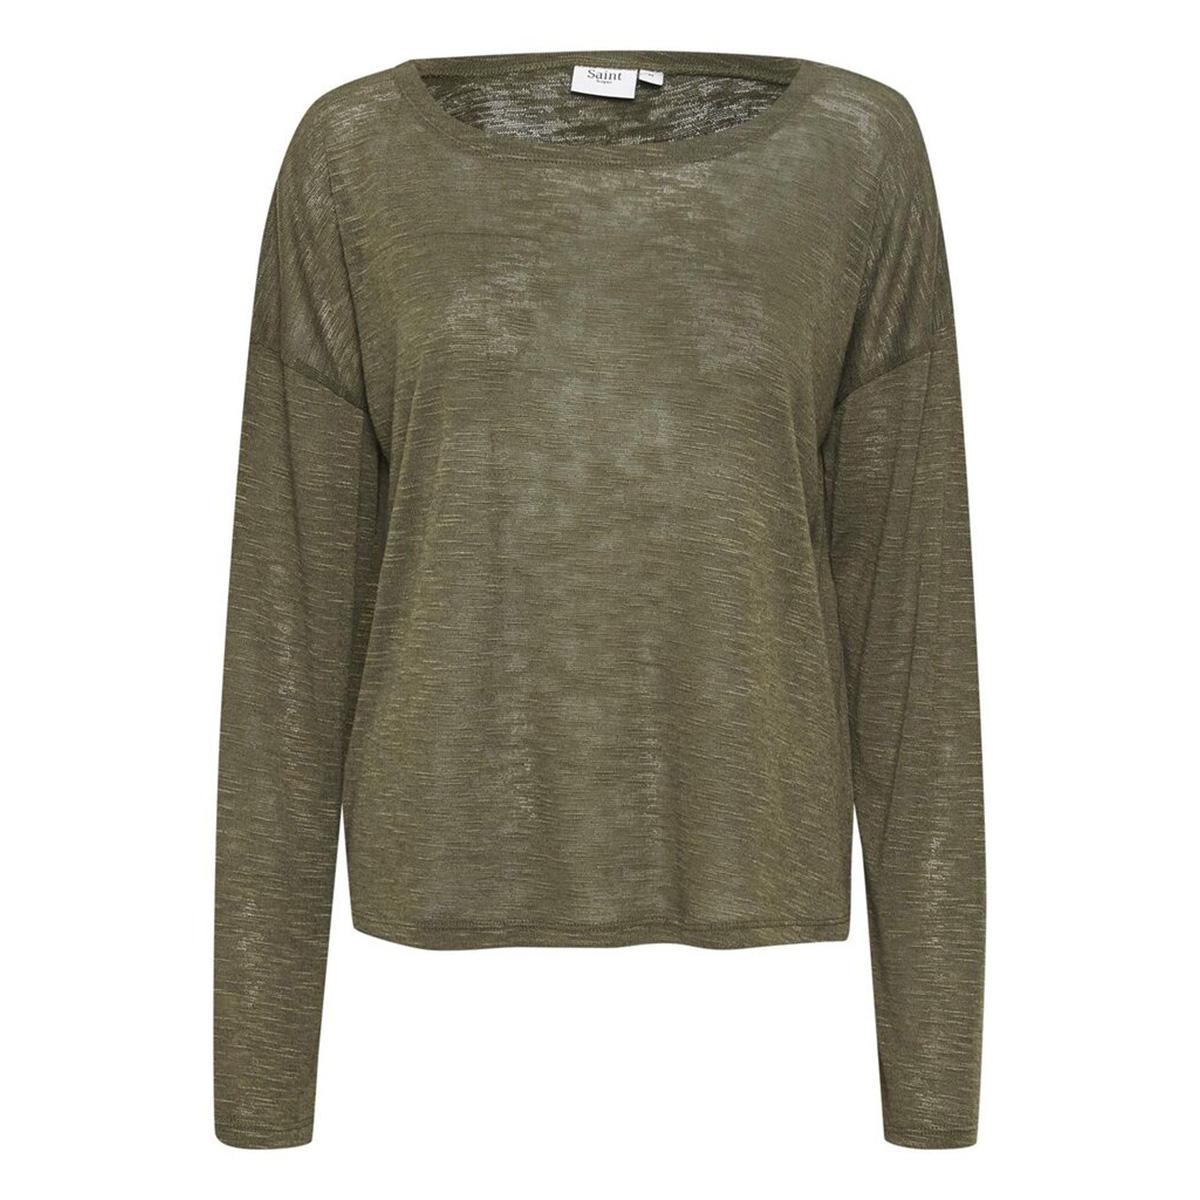 rosesz knit blouse 30510056 saint tropez t-shirt 190515 army green